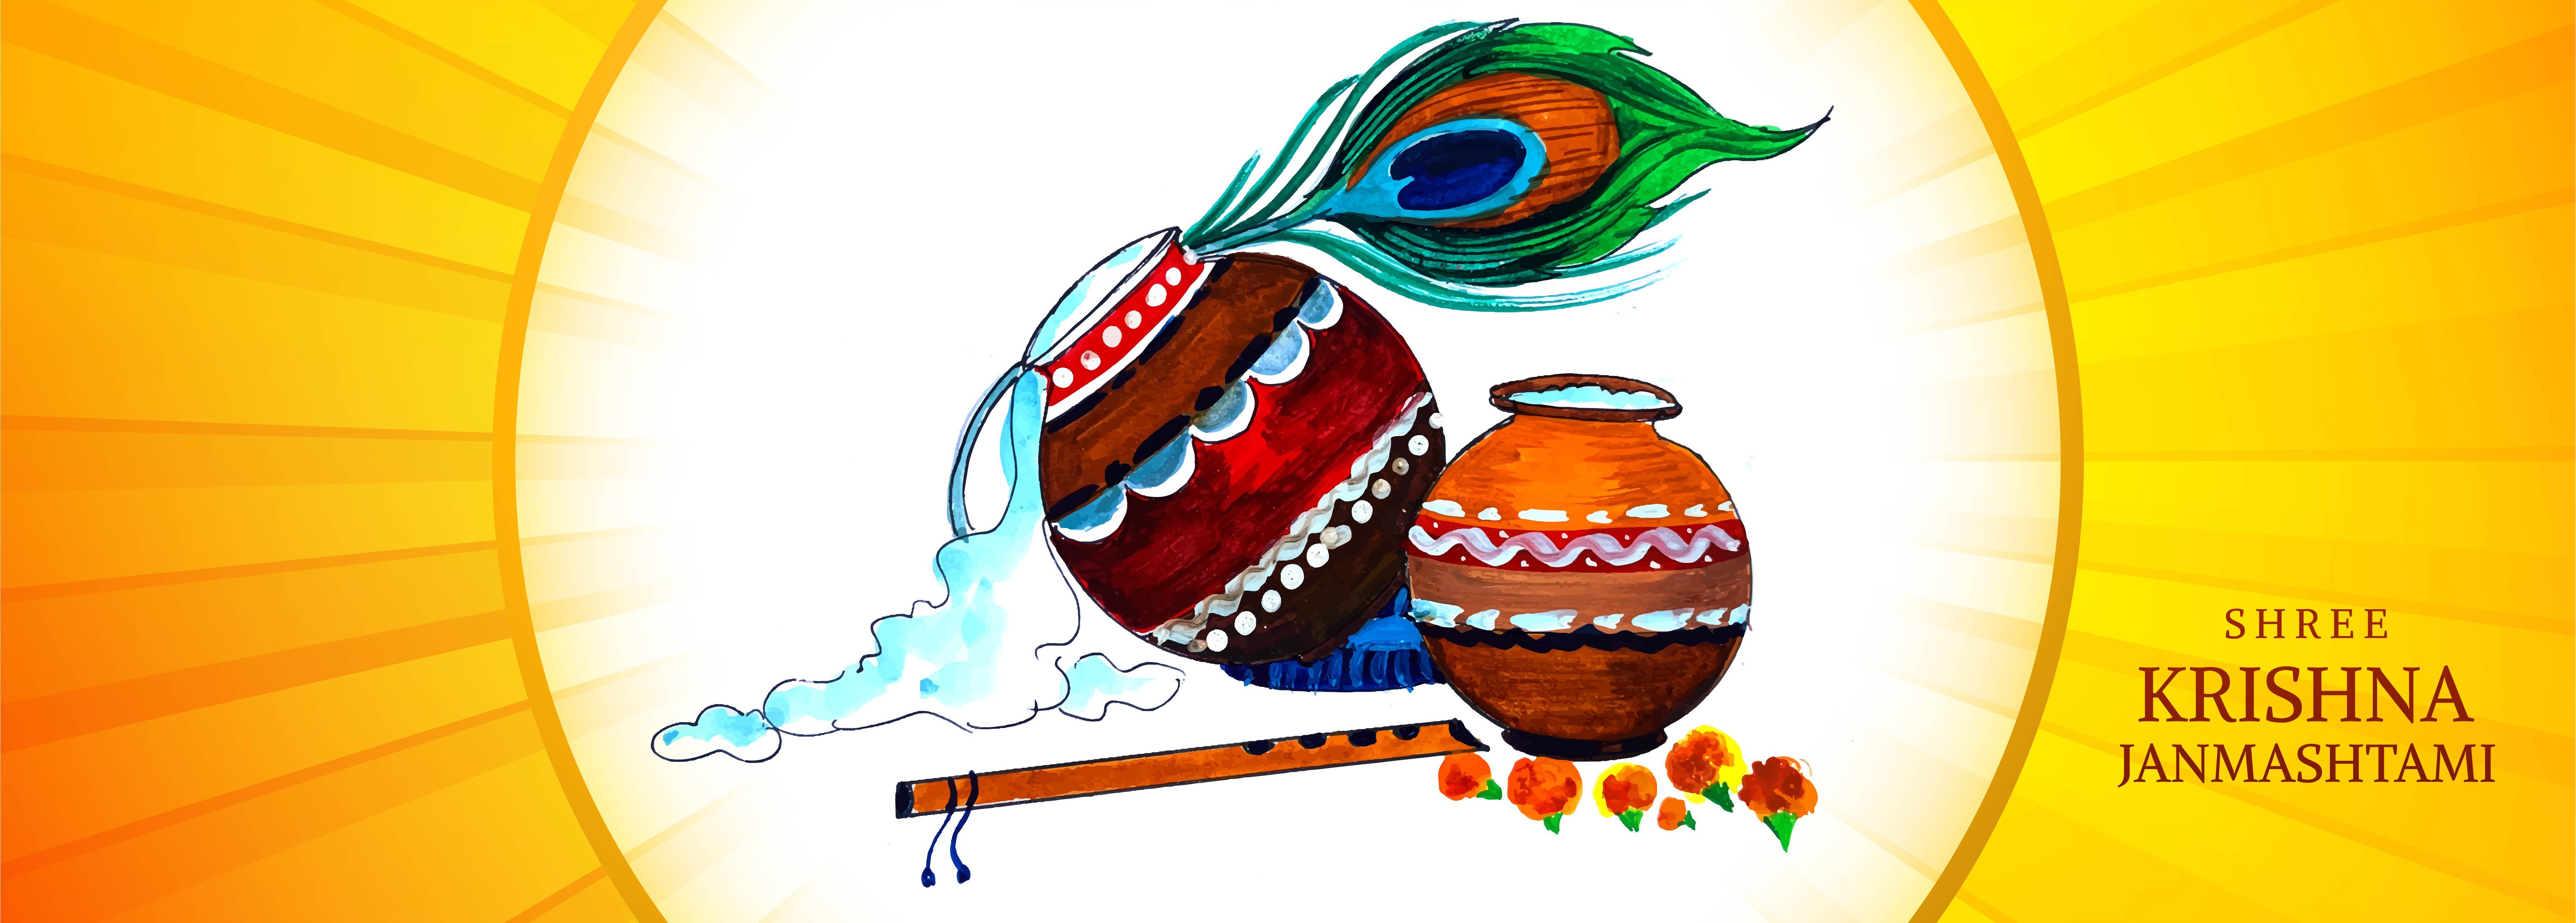 macetas coloridas religiosas krishna janmashtami diseño de banner de tarjeta